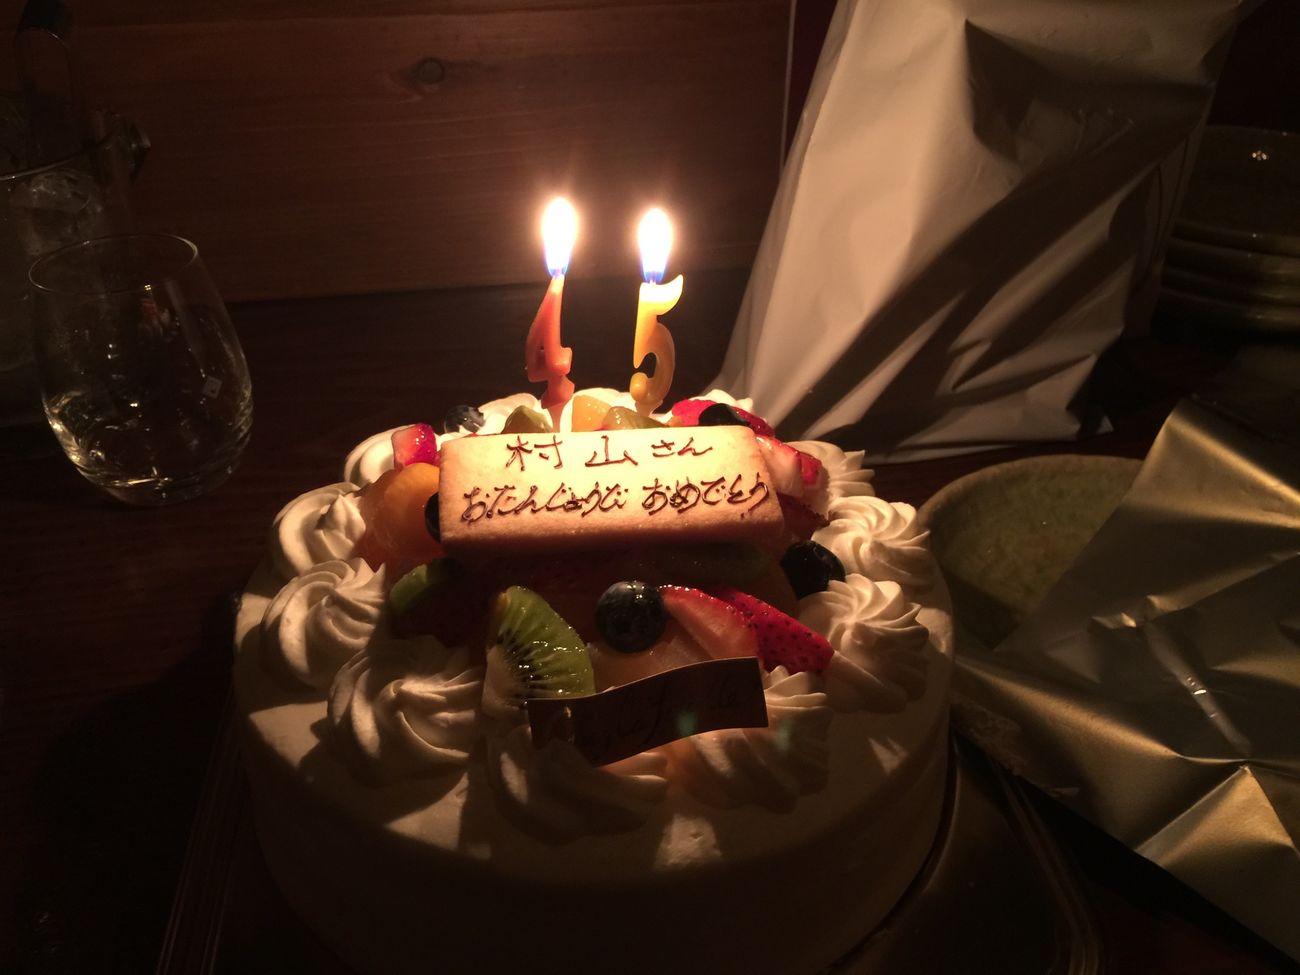 昨日は誕生日祝いを盛大にして頂きました‼︎ 誕生日 肴蔵